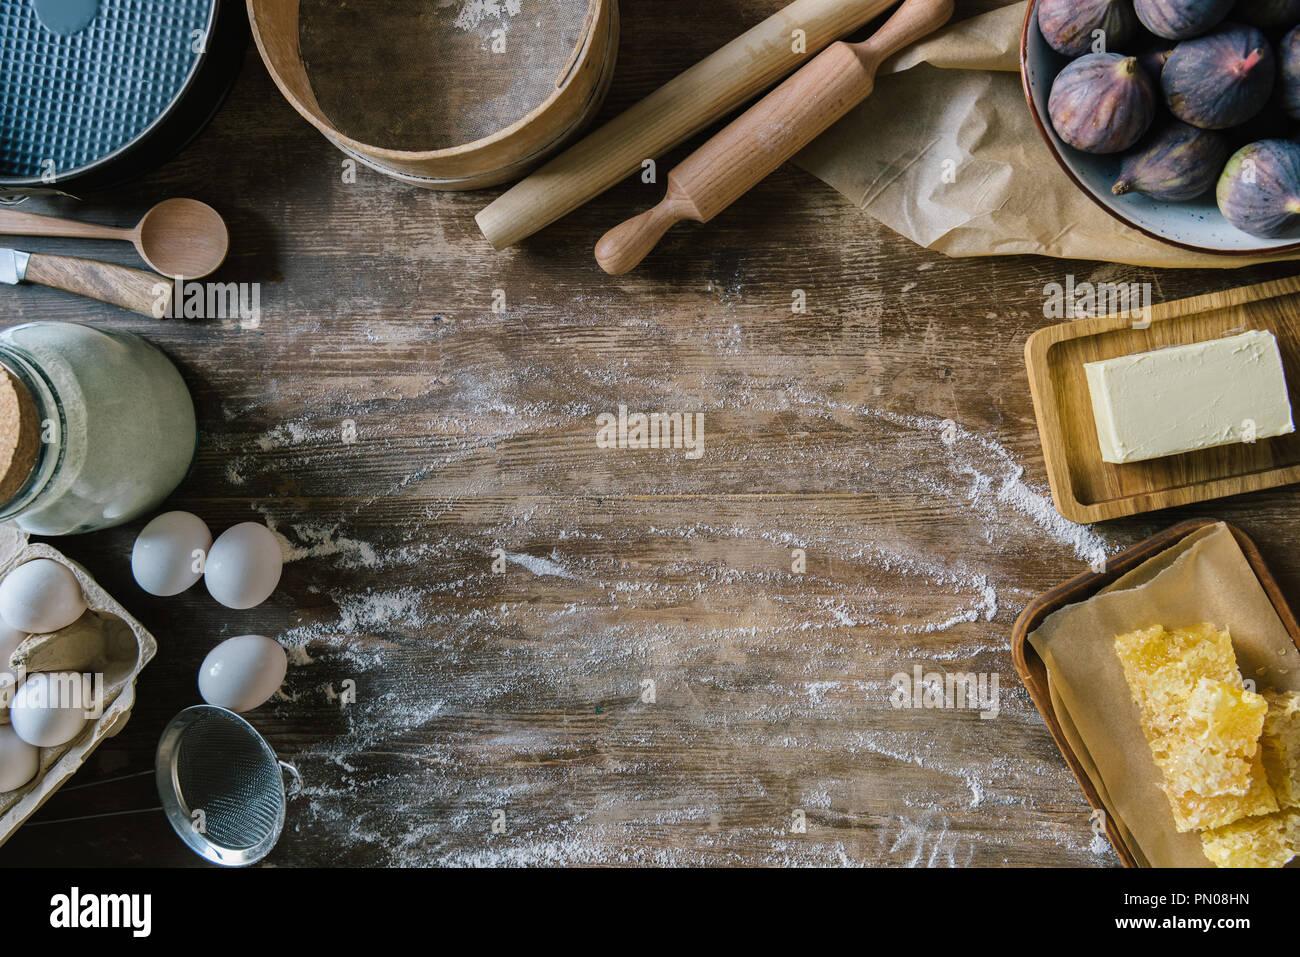 Vue de dessus de table en bois avec malpropre et ingrédients farine renversée Photo Stock